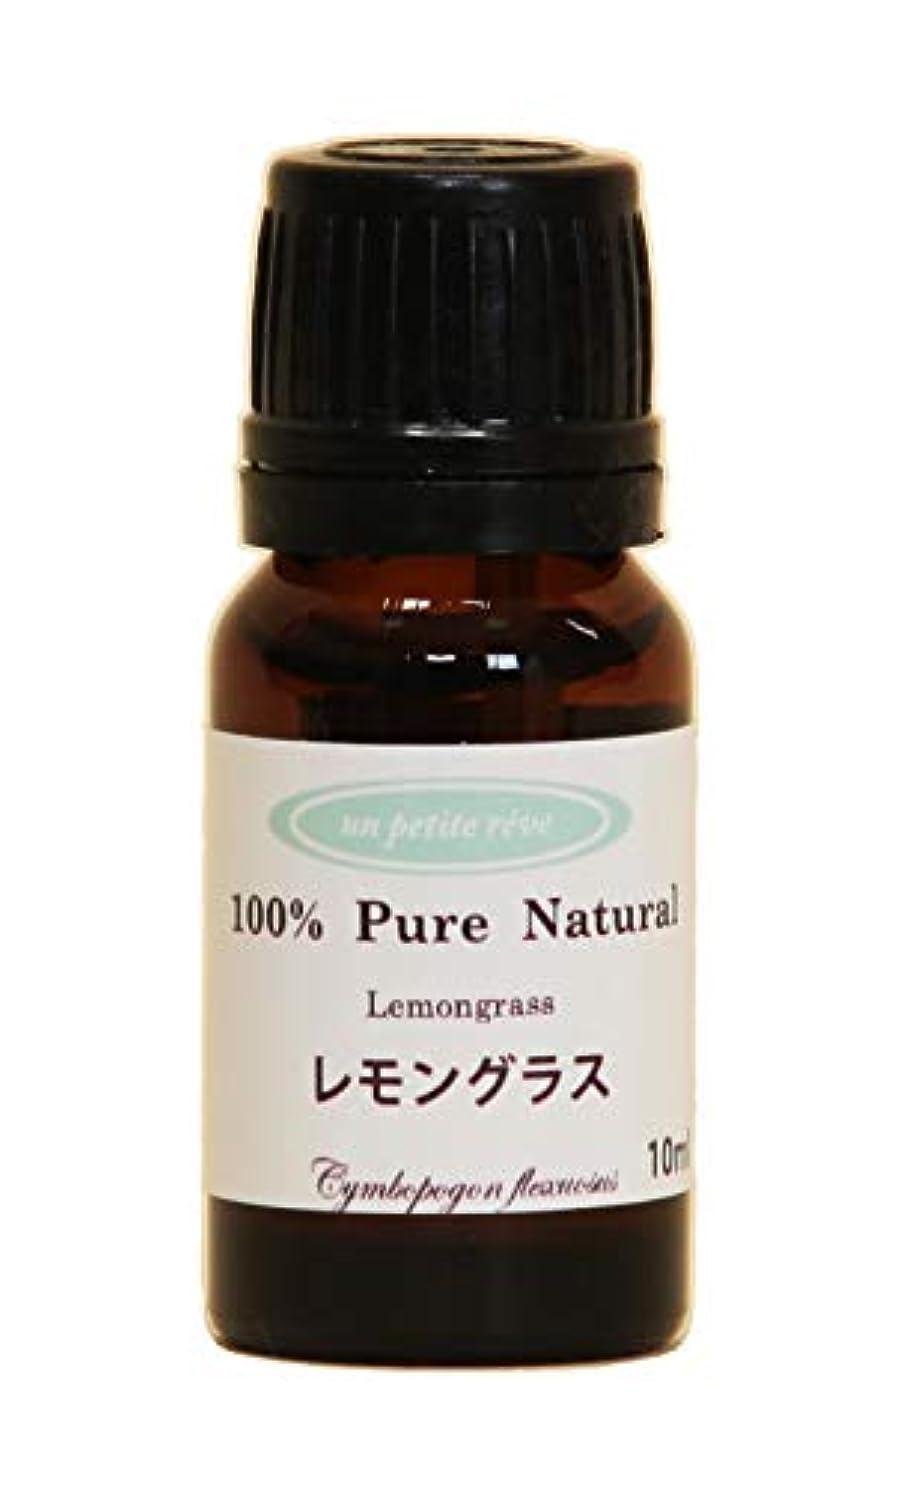 知恵見て非難レモングラス 10ml 100%天然アロマエッセンシャルオイル(精油)